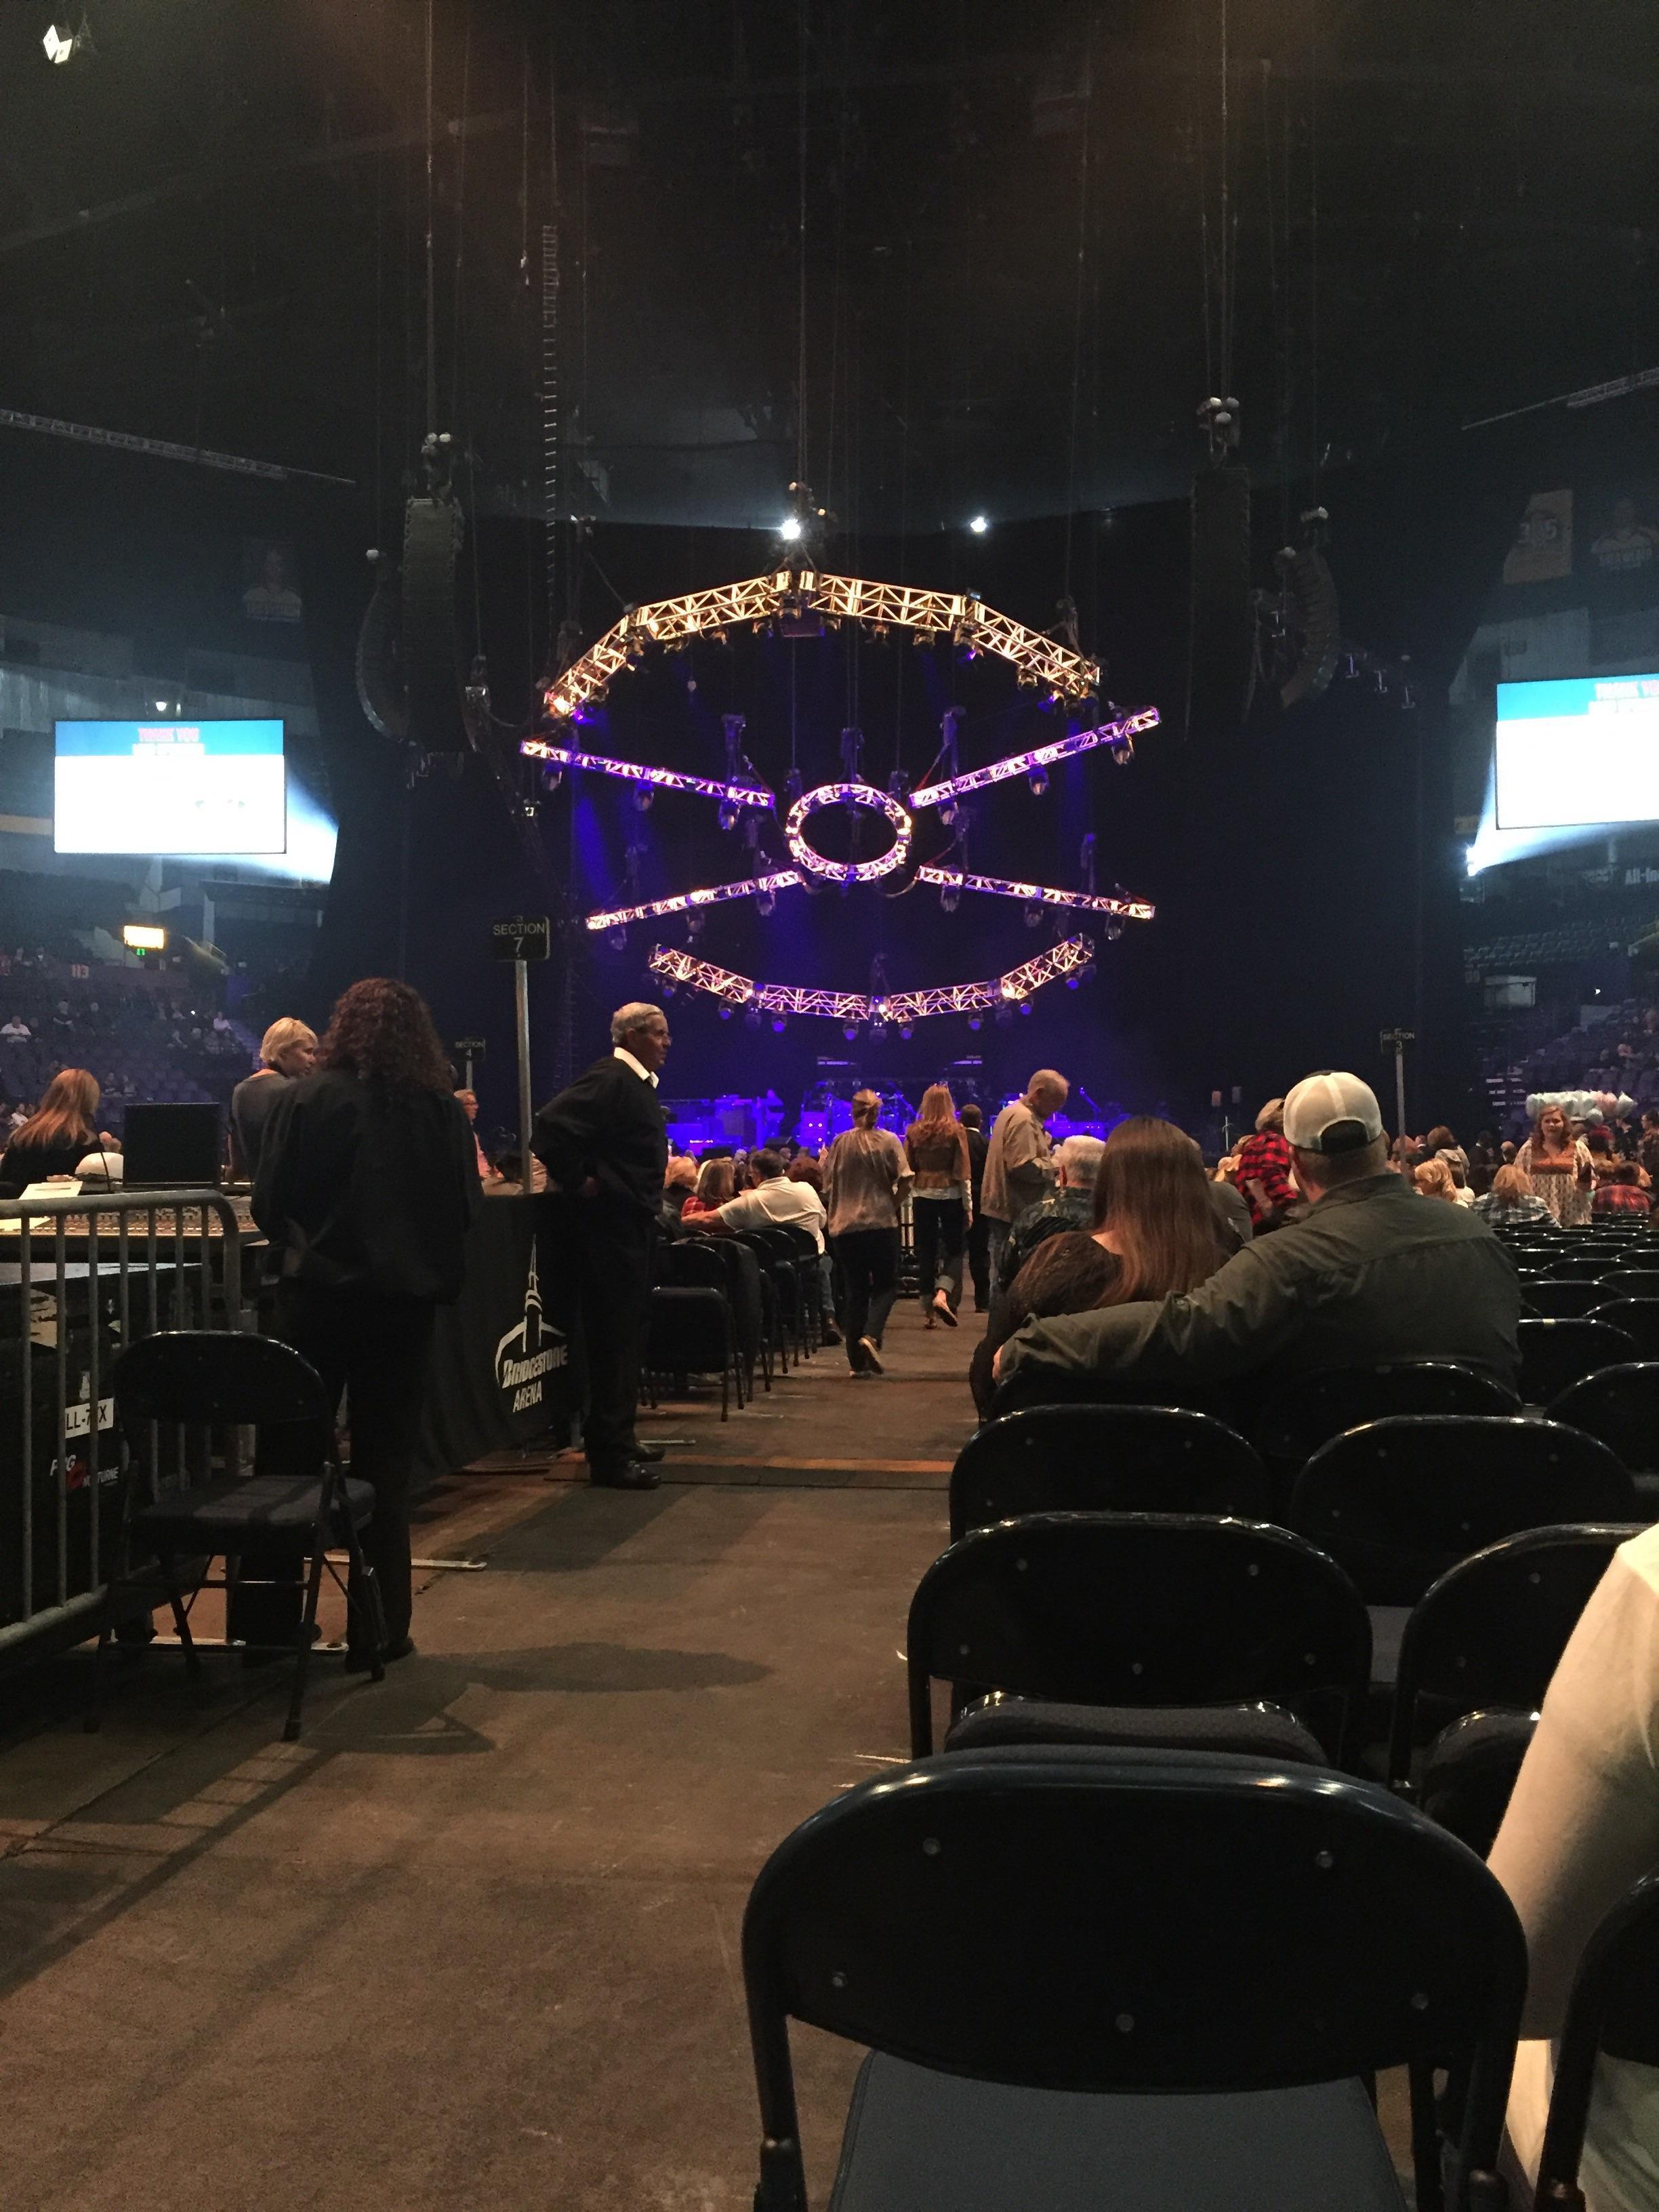 Bridgestone Arena Section Floor 6 Row 19 Seat 12